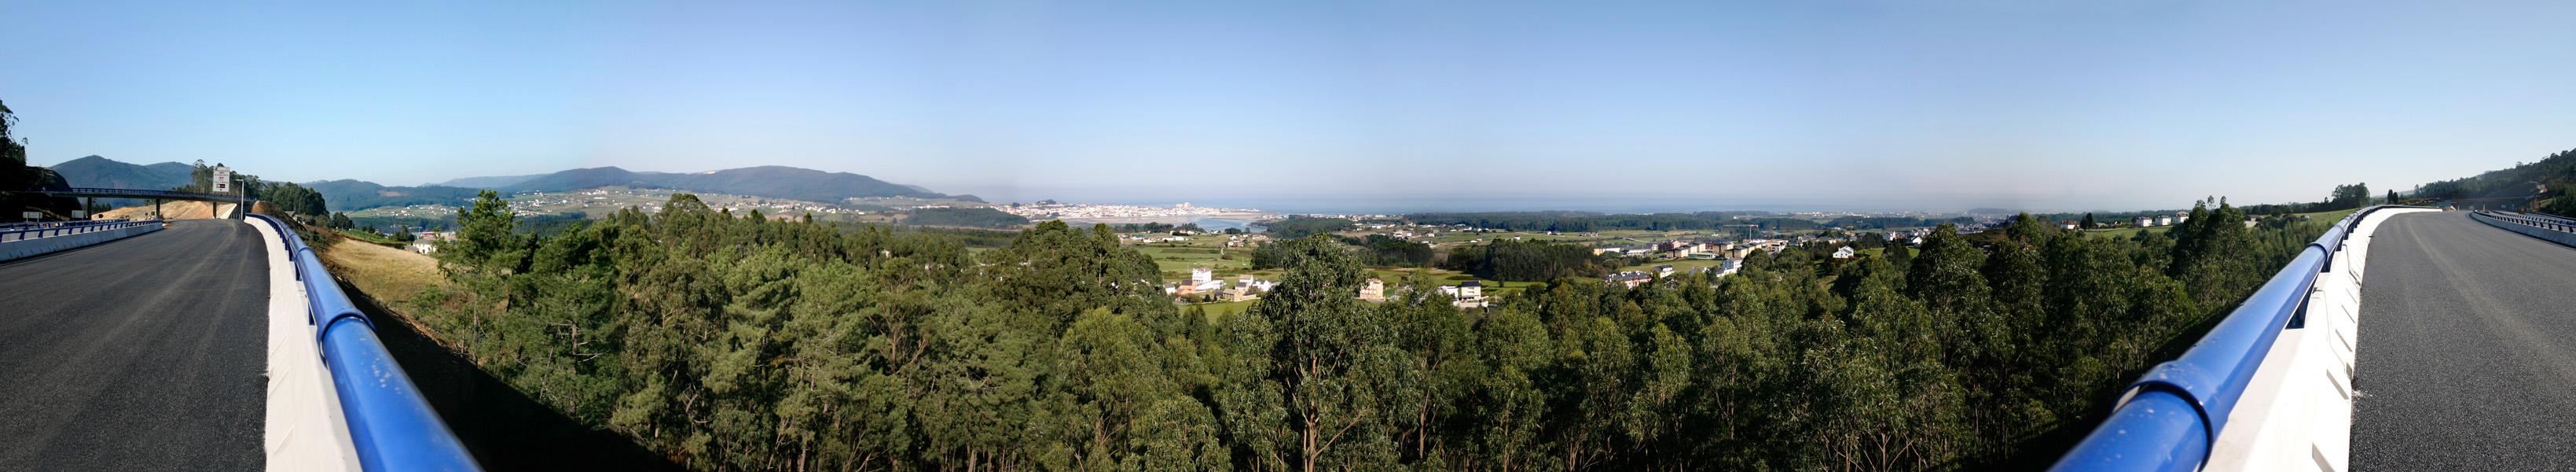 Foto playa Fontela / Balea. Panoramica desde A8